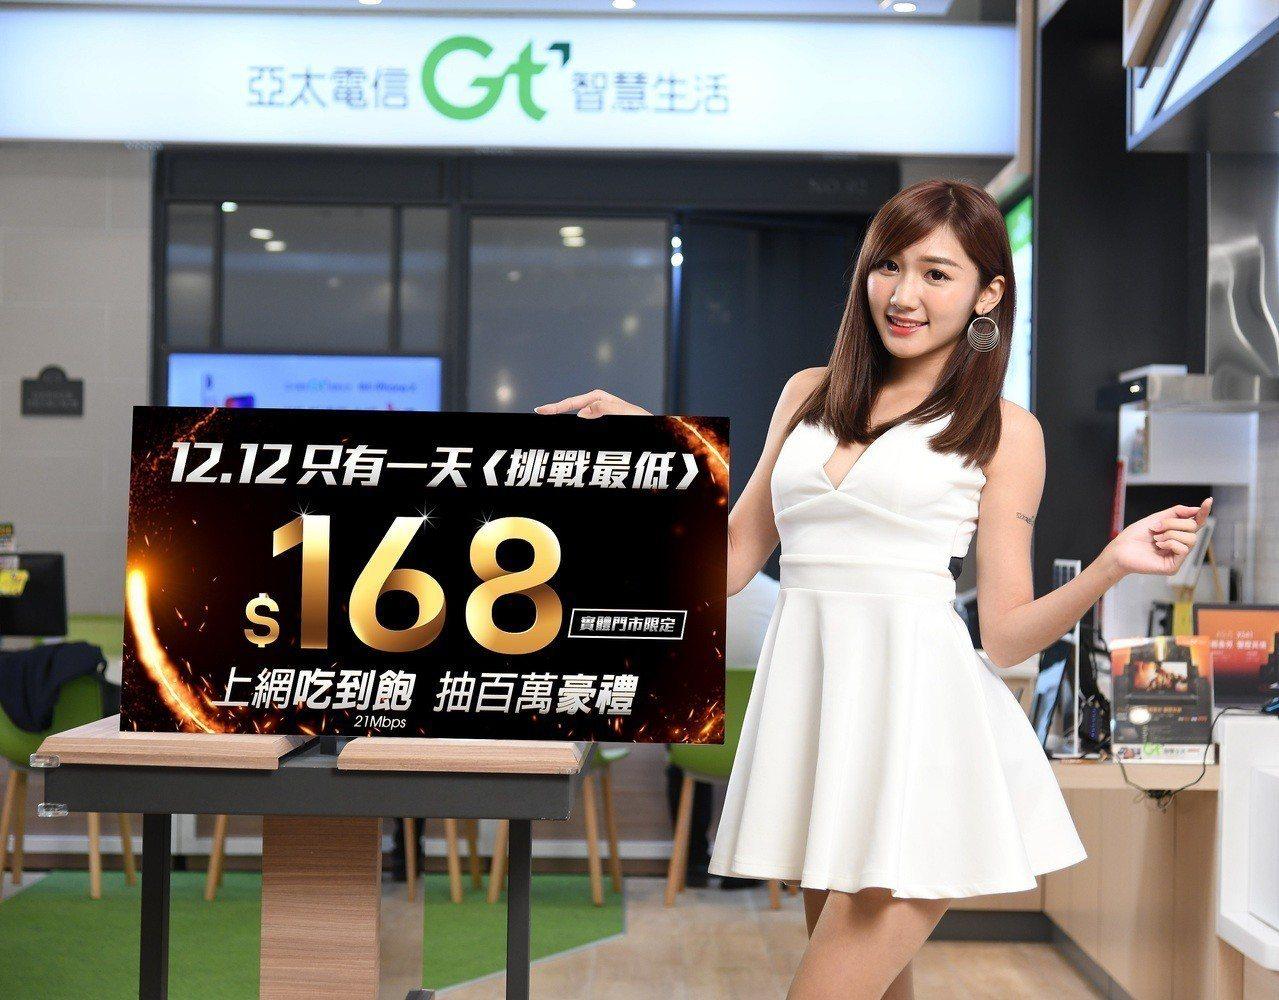 亞太電信推出實體門市雙12一日限定快閃168元吃到飽。 圖/亞太電信提供